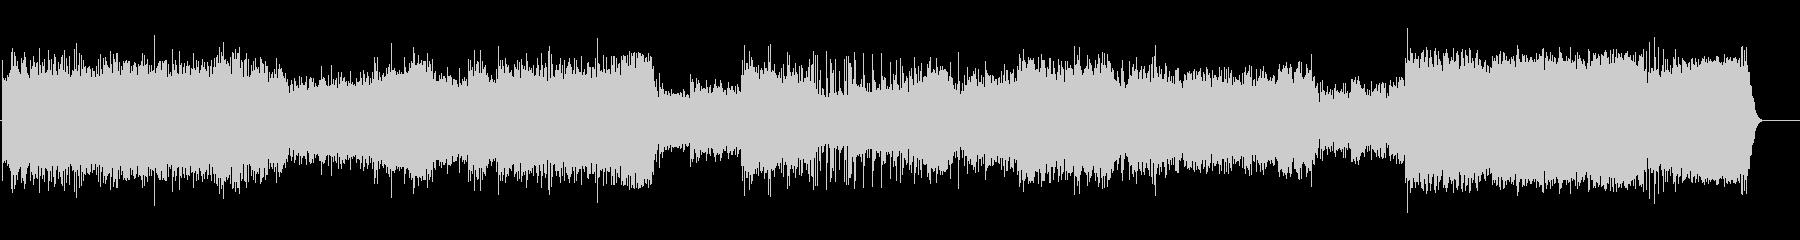 キューバ序曲の未再生の波形